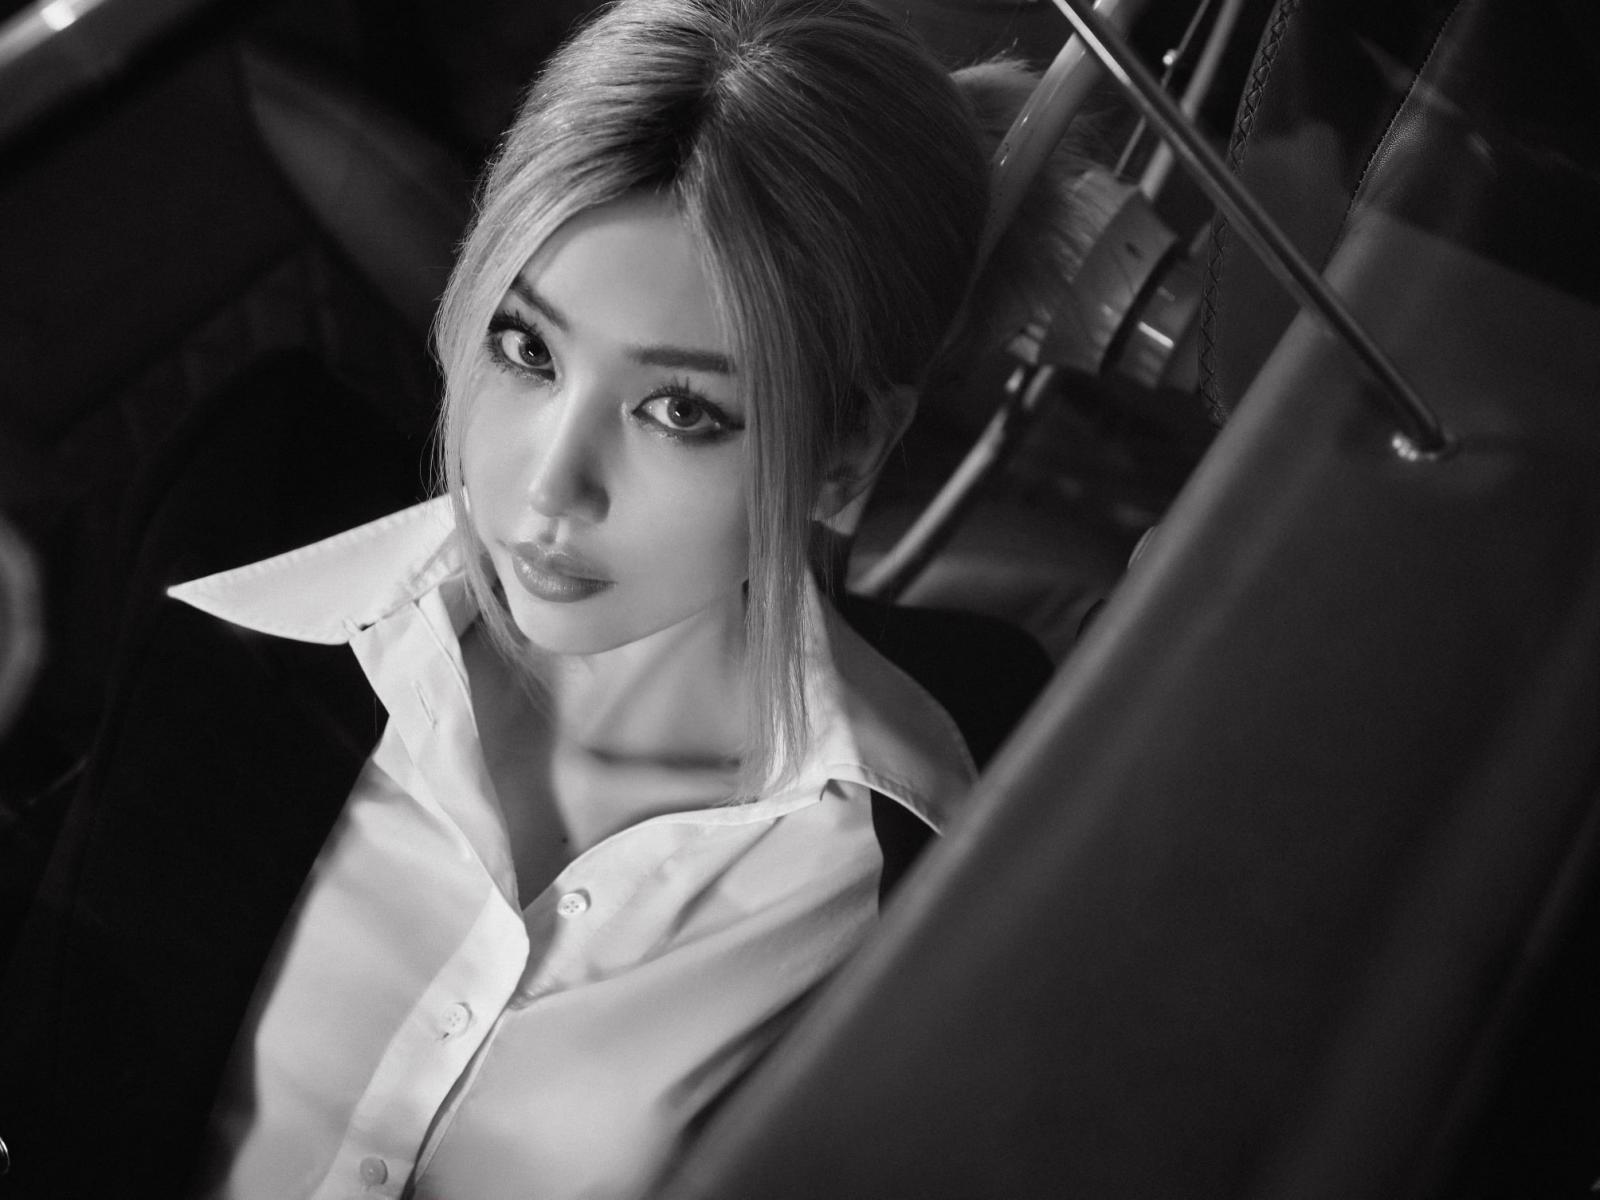 """Nữ ca sĩ MIN khoe vẻ đẹp cá tính bên """"hàng hiếm"""" Porsche 356A Speedster - 15"""